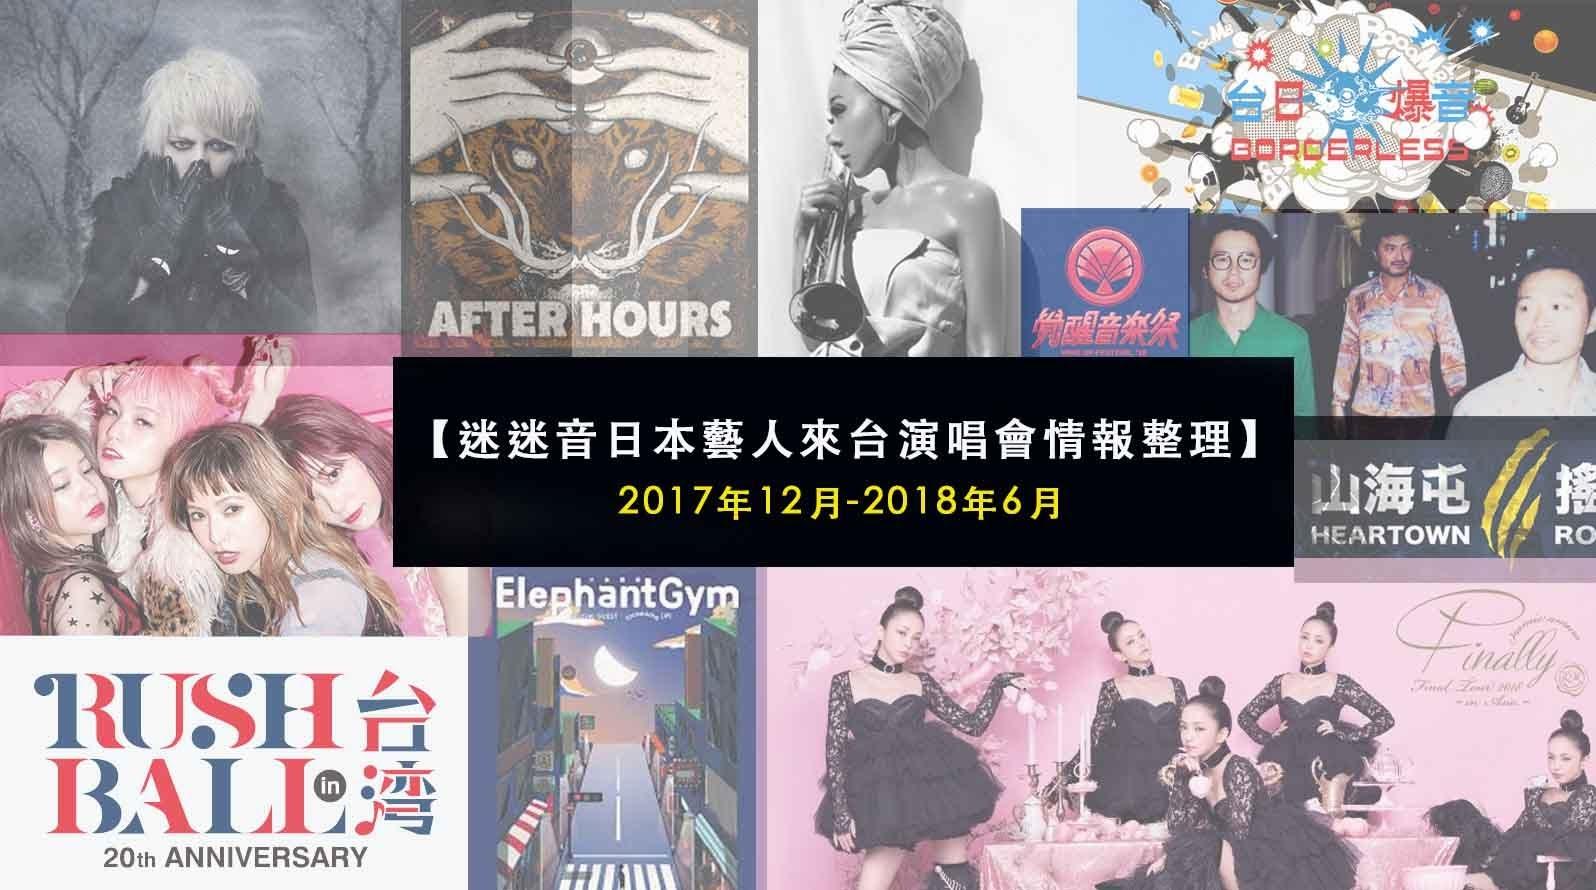 【迷迷音日本藝人來台演唱會情報整理】2017年12月-2018年6月